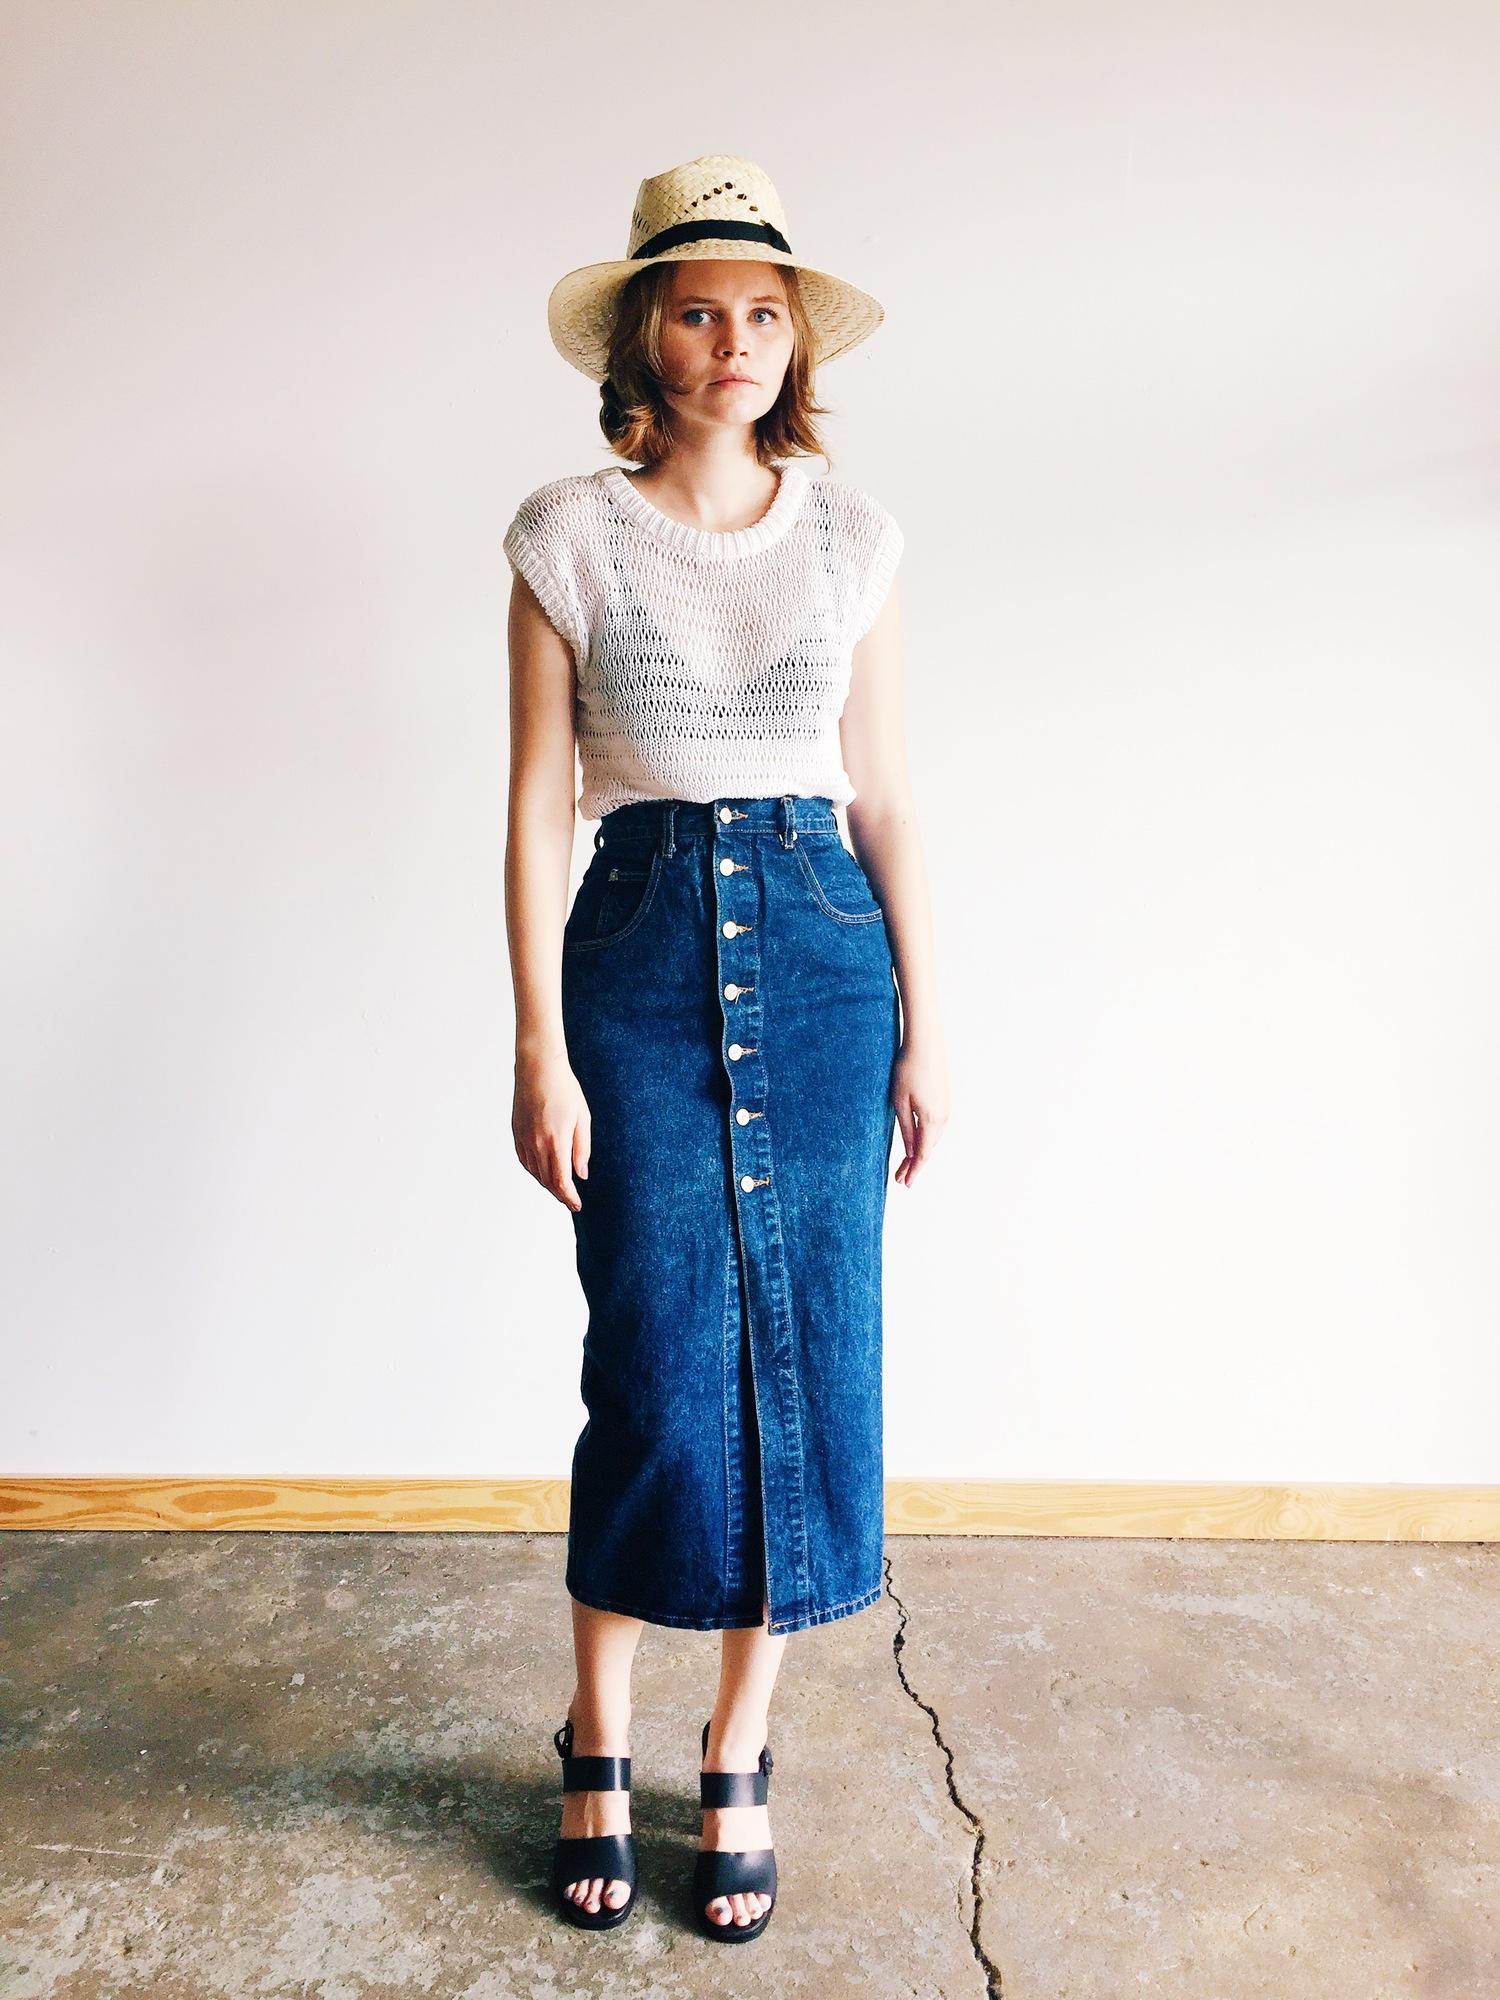 wonaponatime-long-denim-skirt-lookbook-white-hat